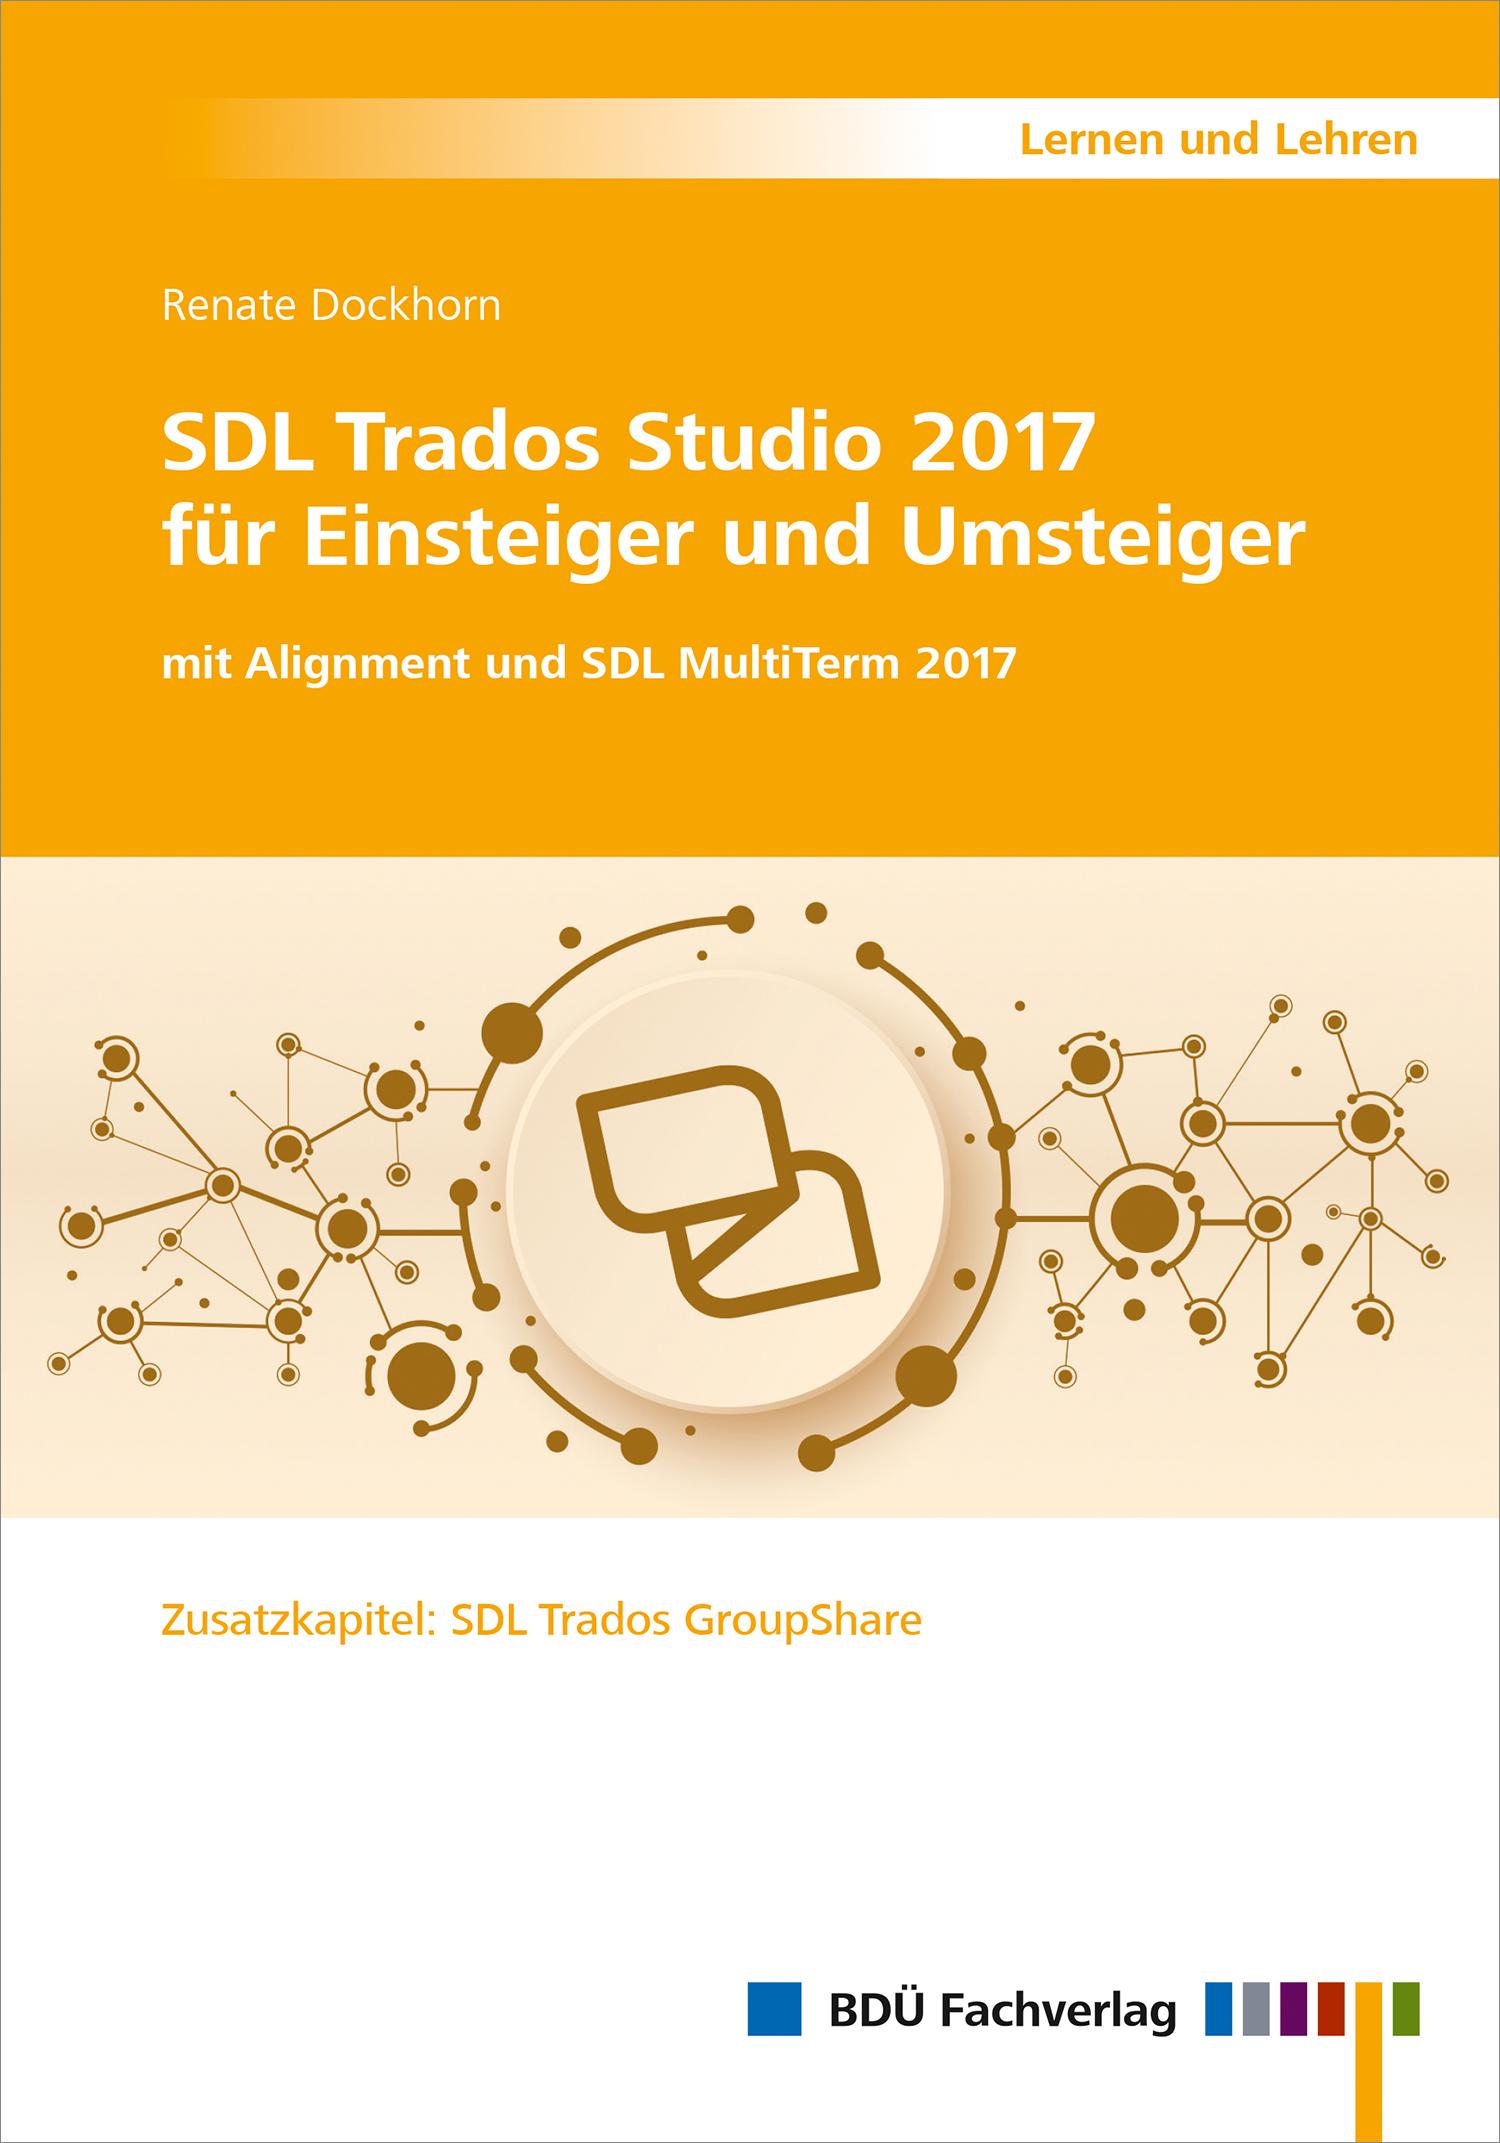 SDL Trados Studio 2017 für Einsteiger und Umsteiger - Subskriptionspreis